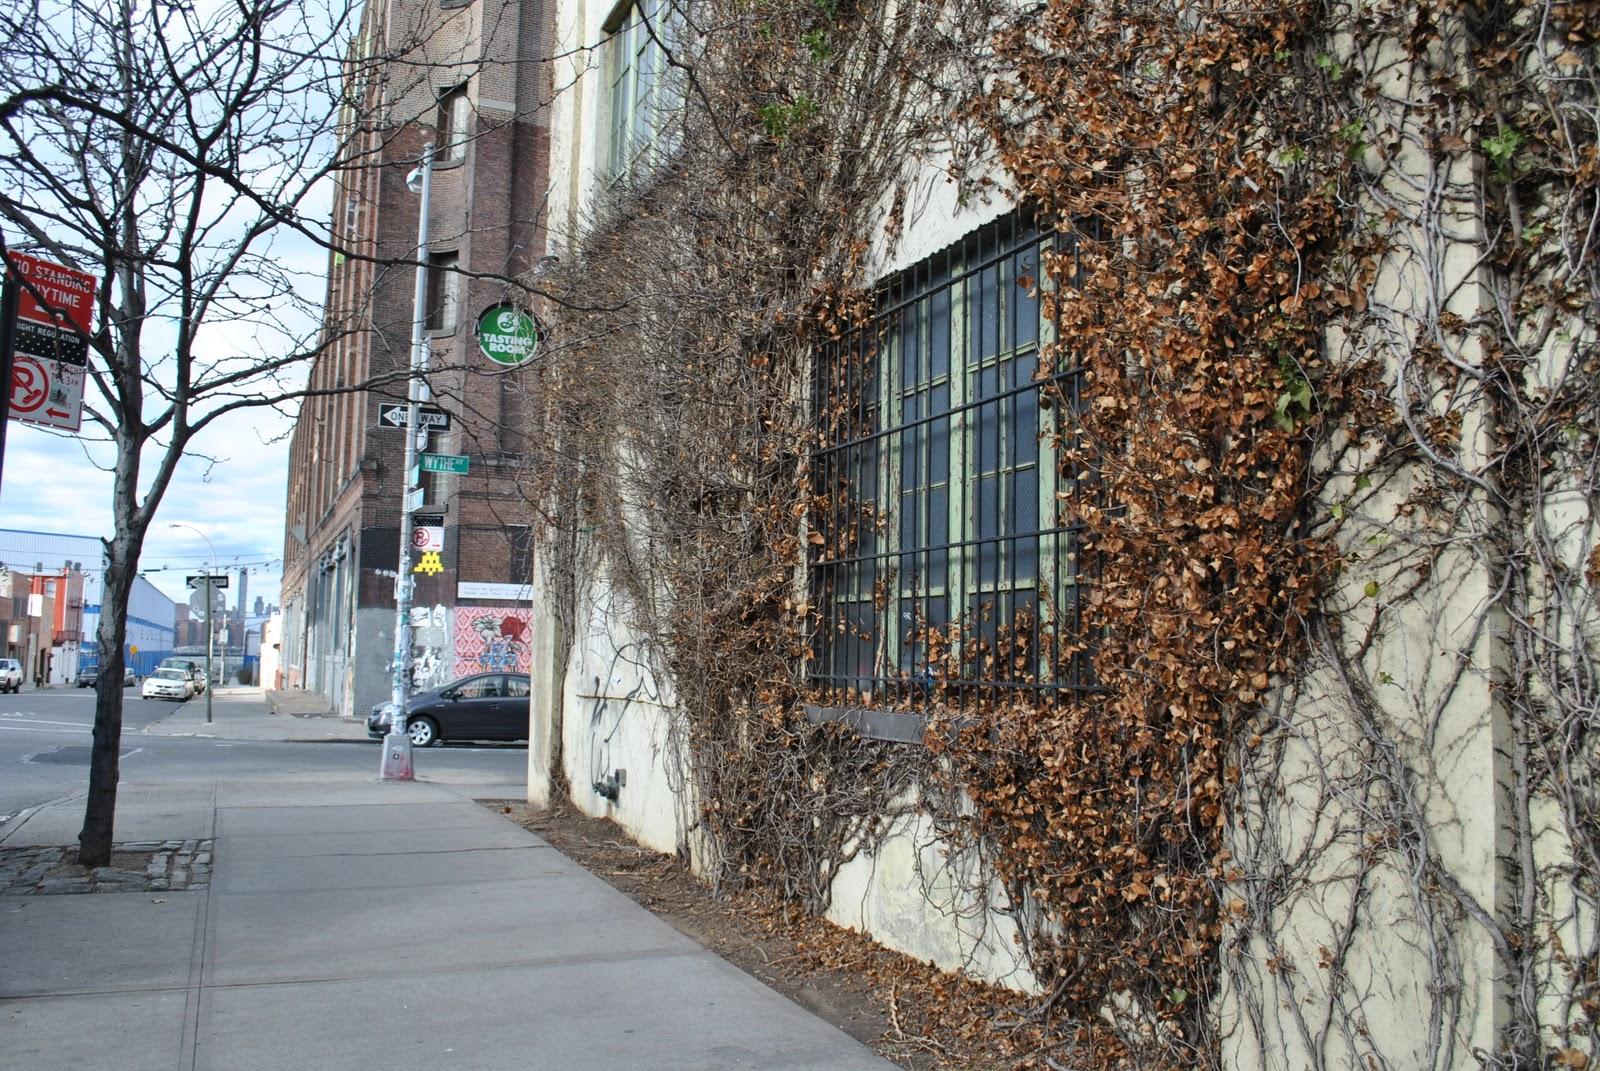 The Brooklyn Brewery Williamsburg